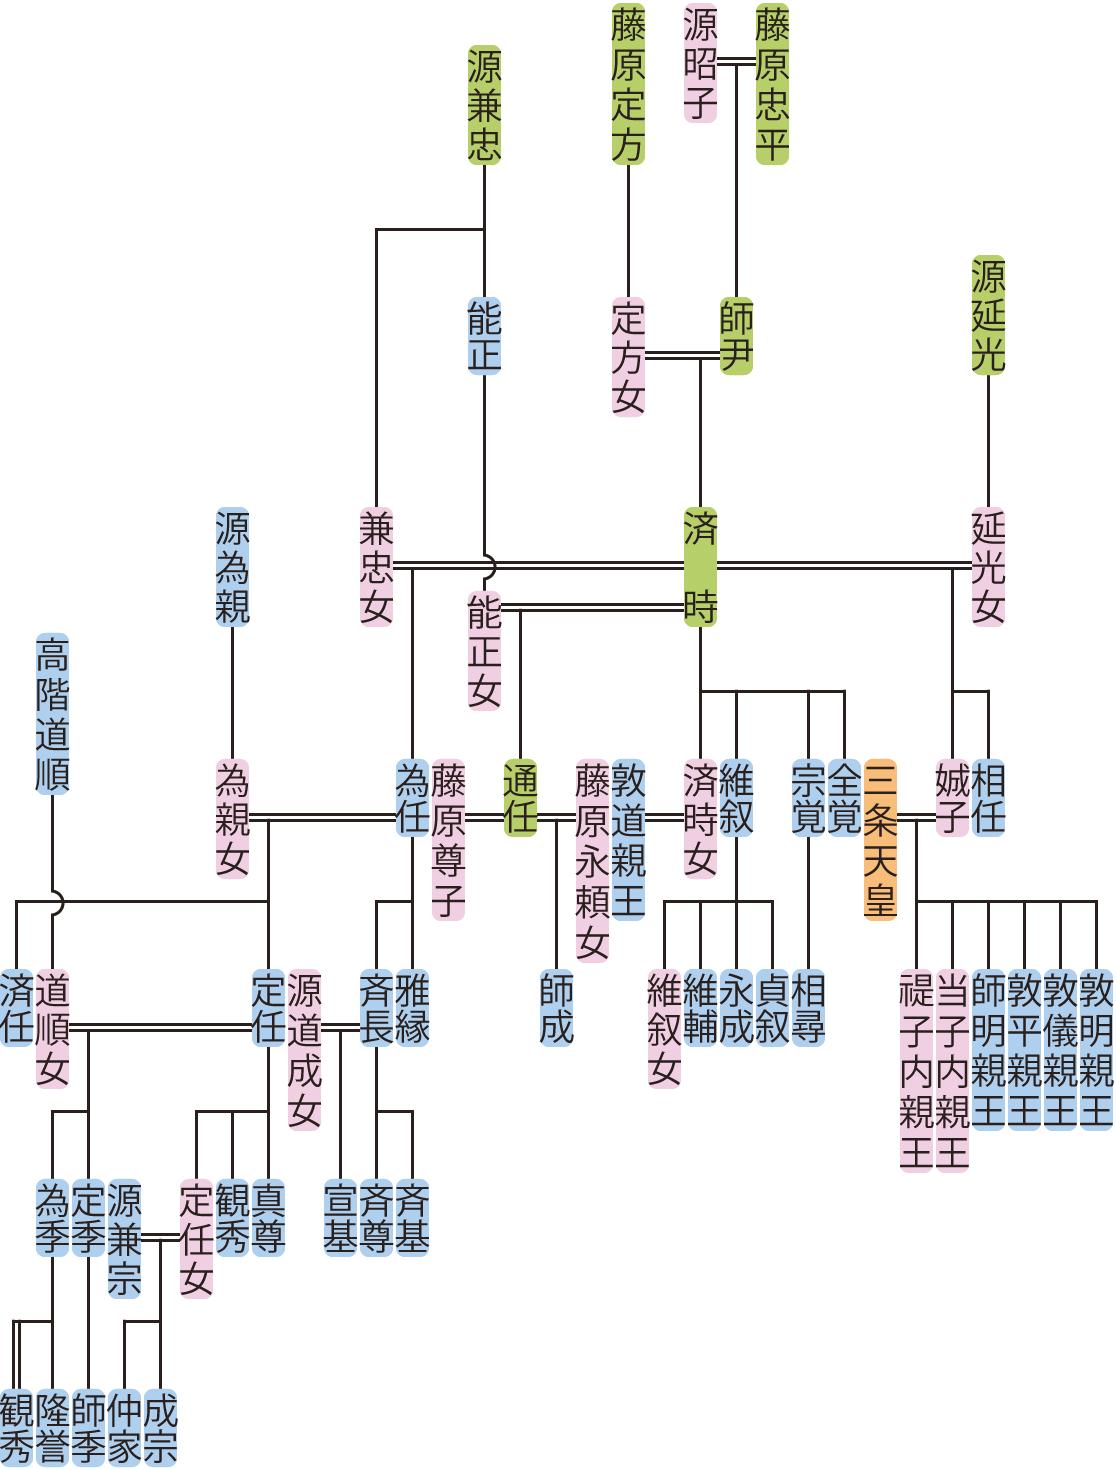 藤原済時の系図